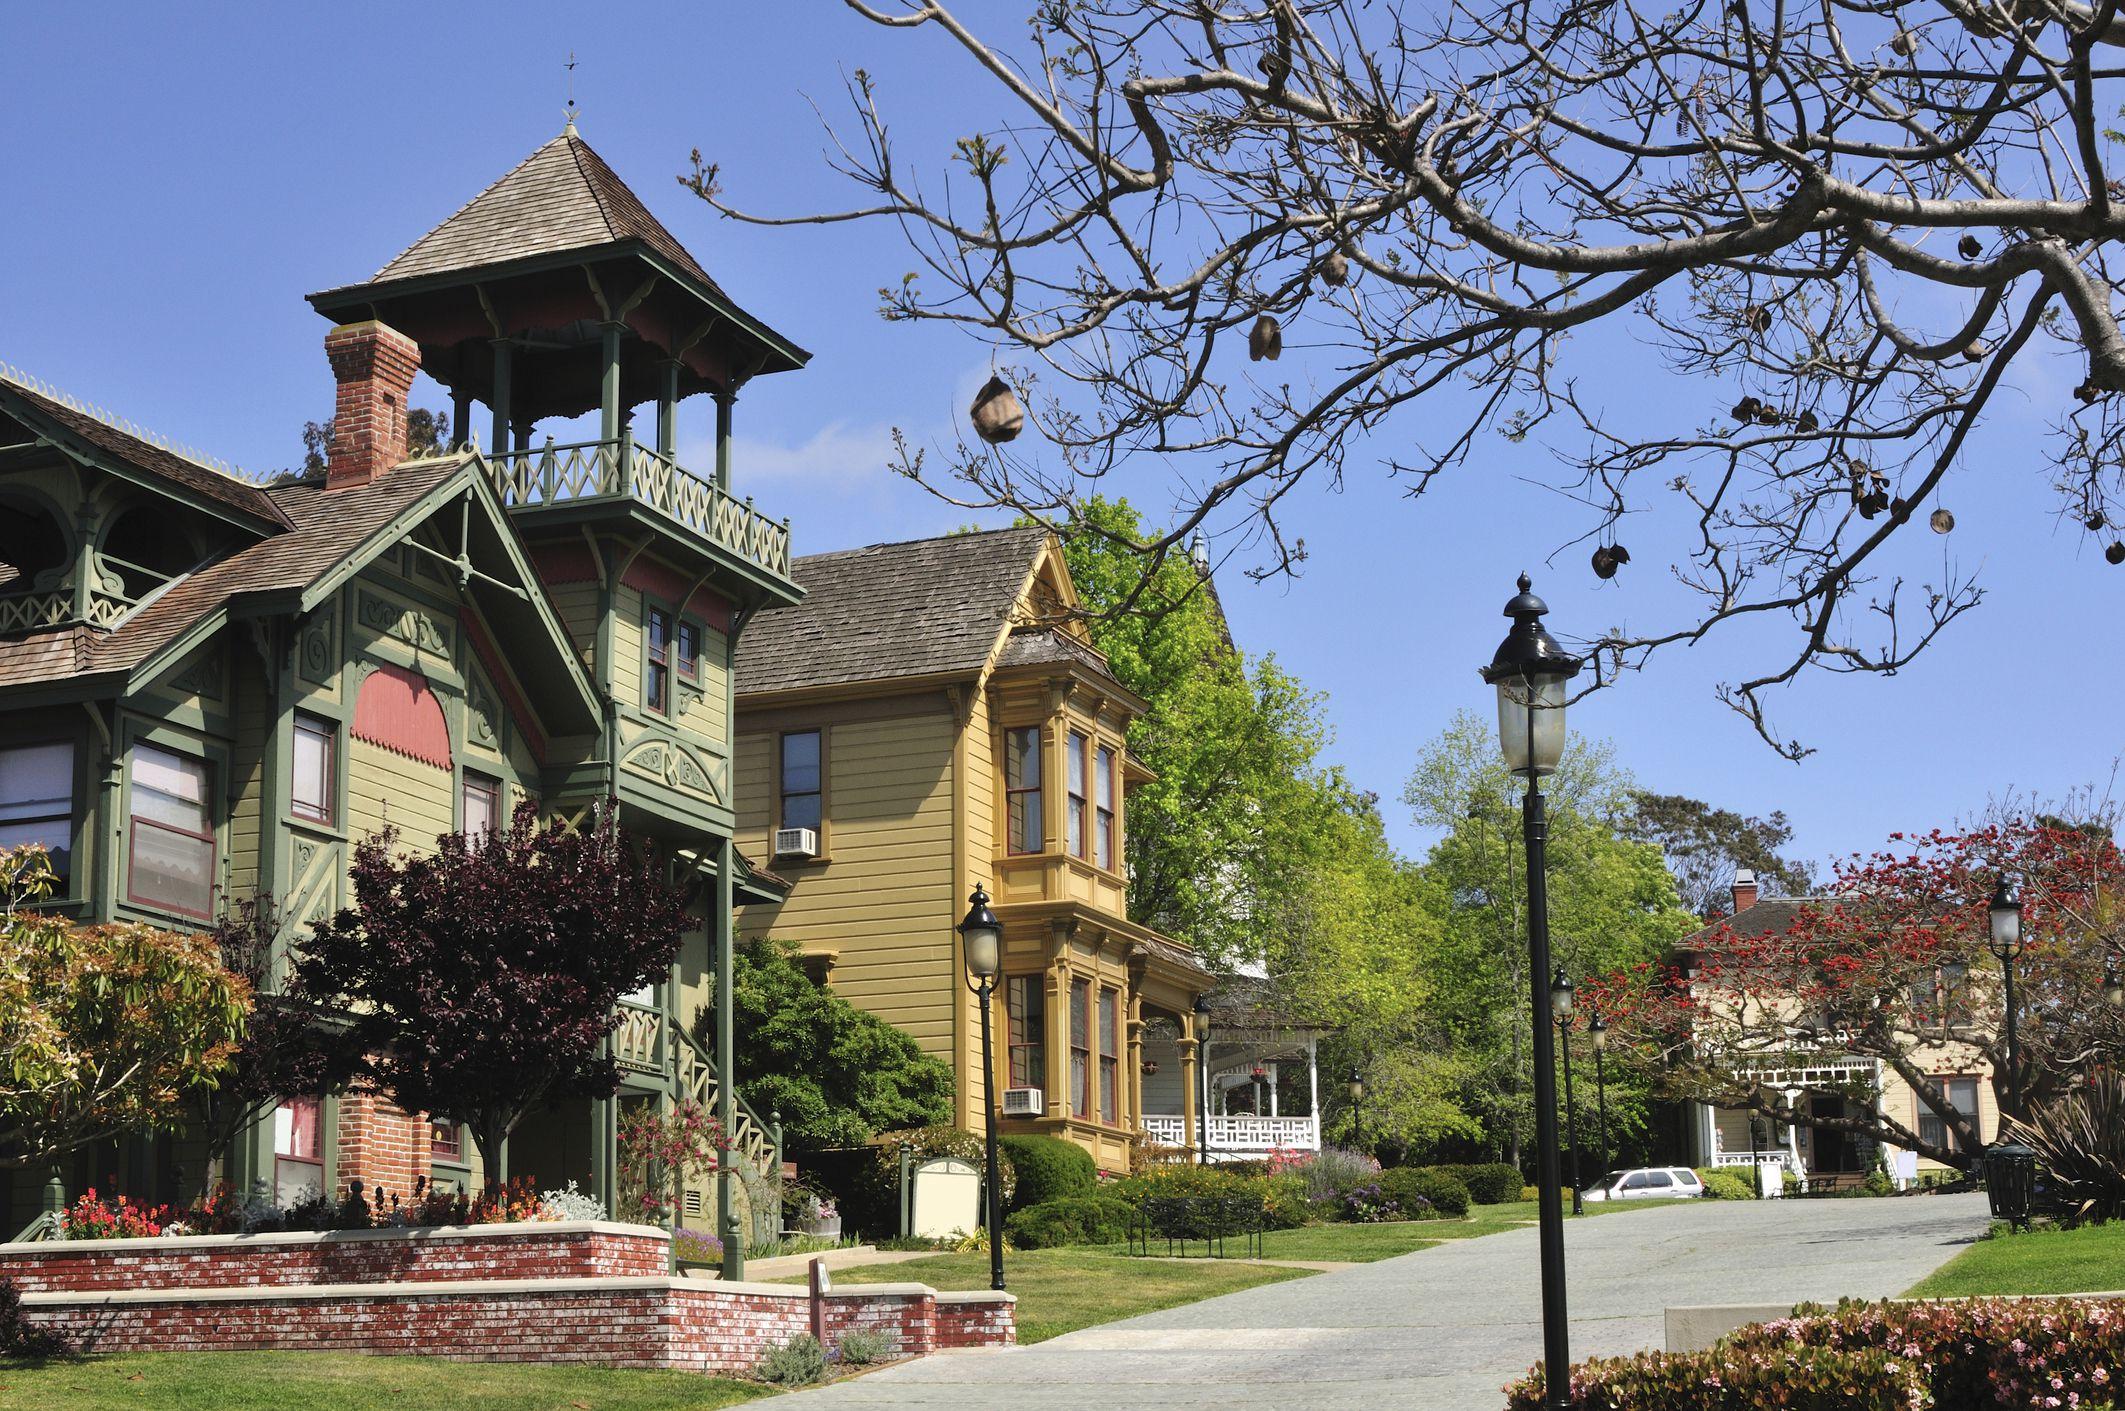 Casas victorianas en el parque Heritage del casco antiguo